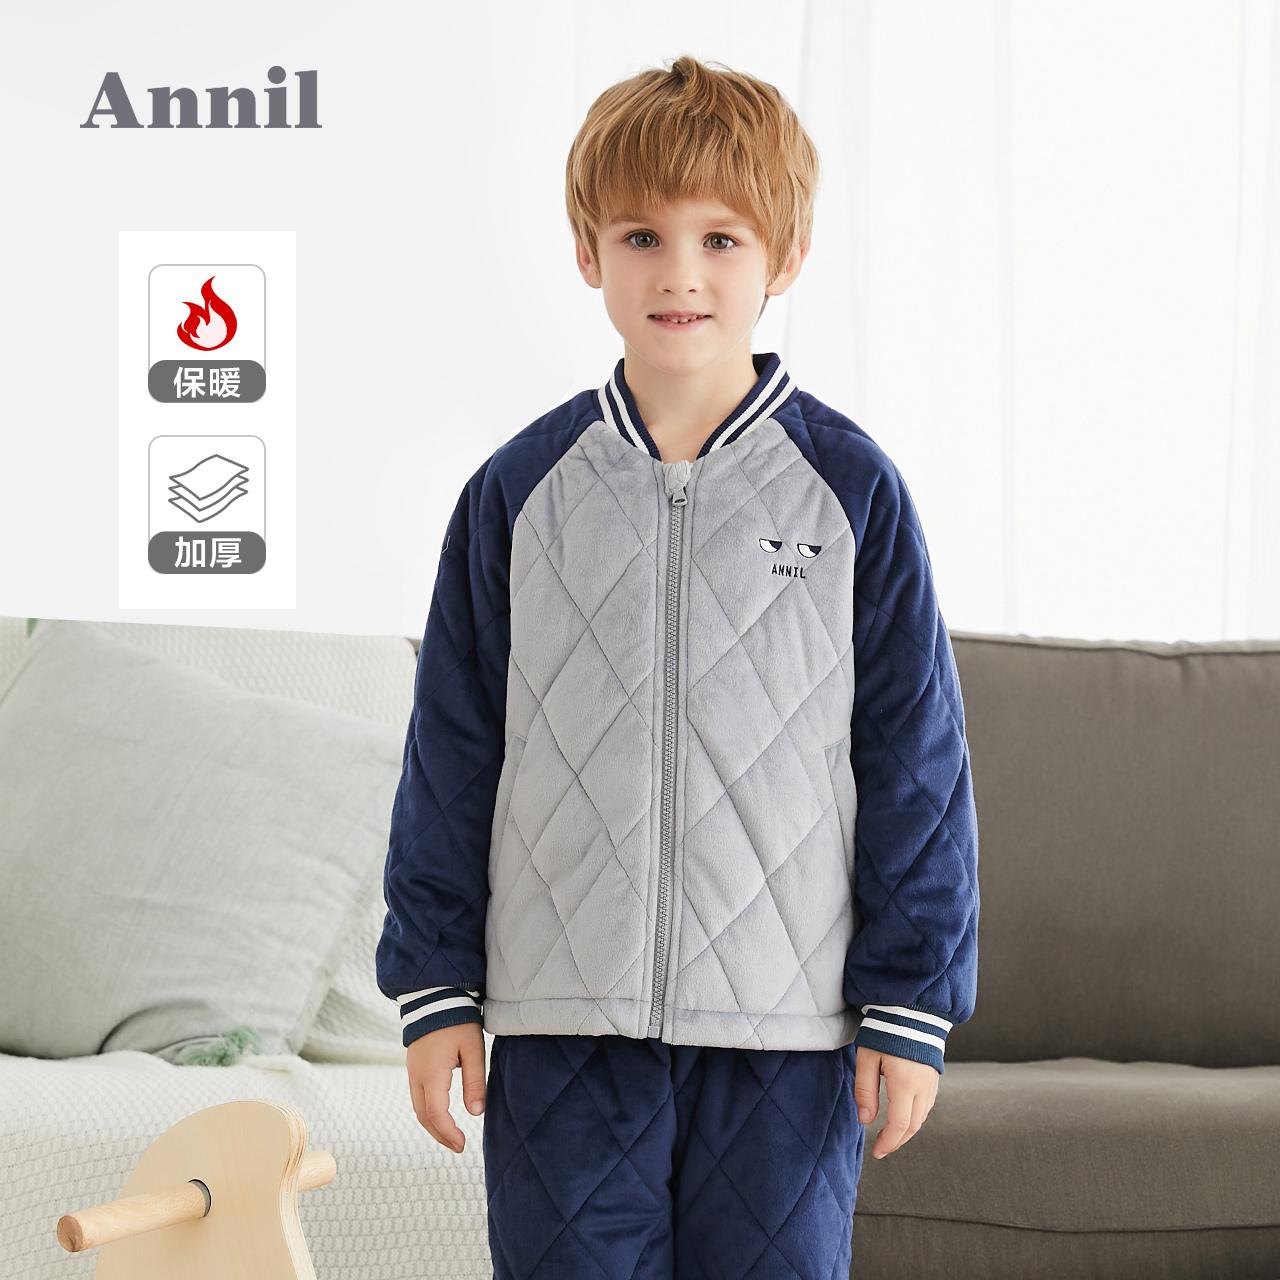 安奈儿童装男童家居服冬季新款男宝宝儿童水晶绒家居服套装